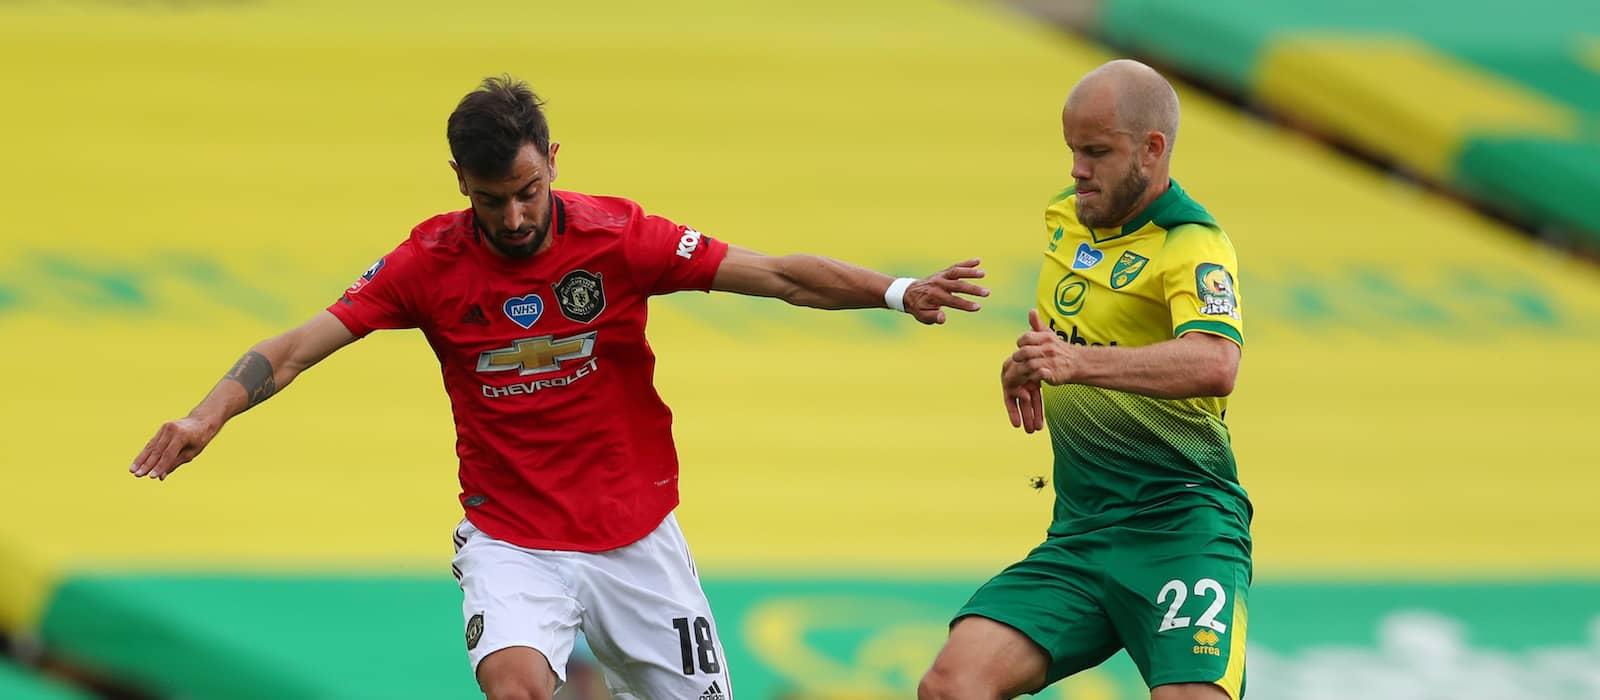 Bruno Fernandes still effective despite scrappy win vs Norwich City